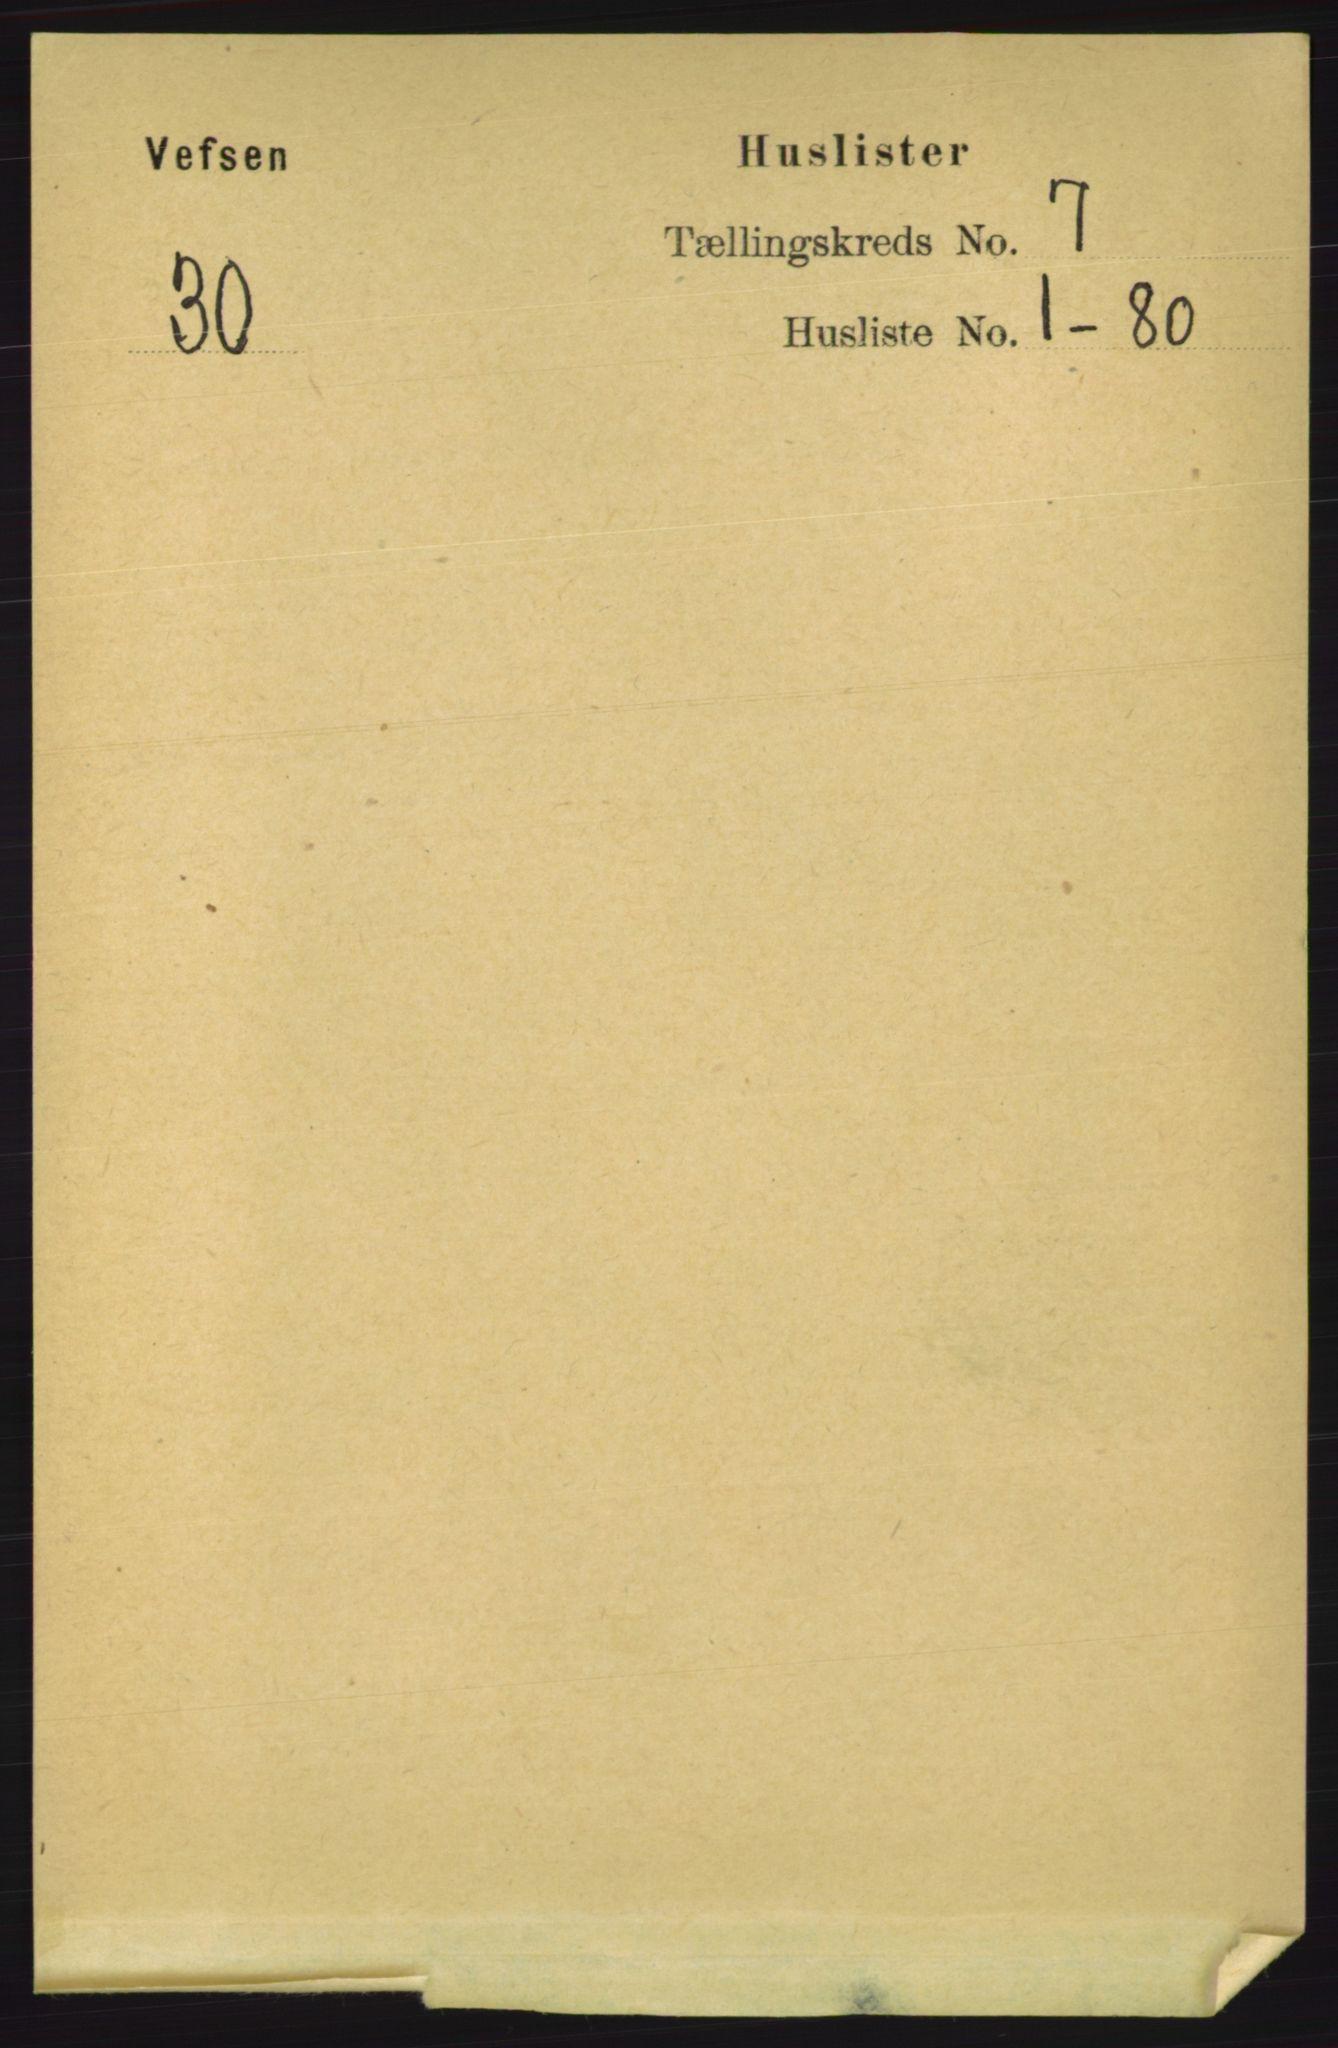 RA, Folketelling 1891 for 1824 Vefsn herred, 1891, s. 3572